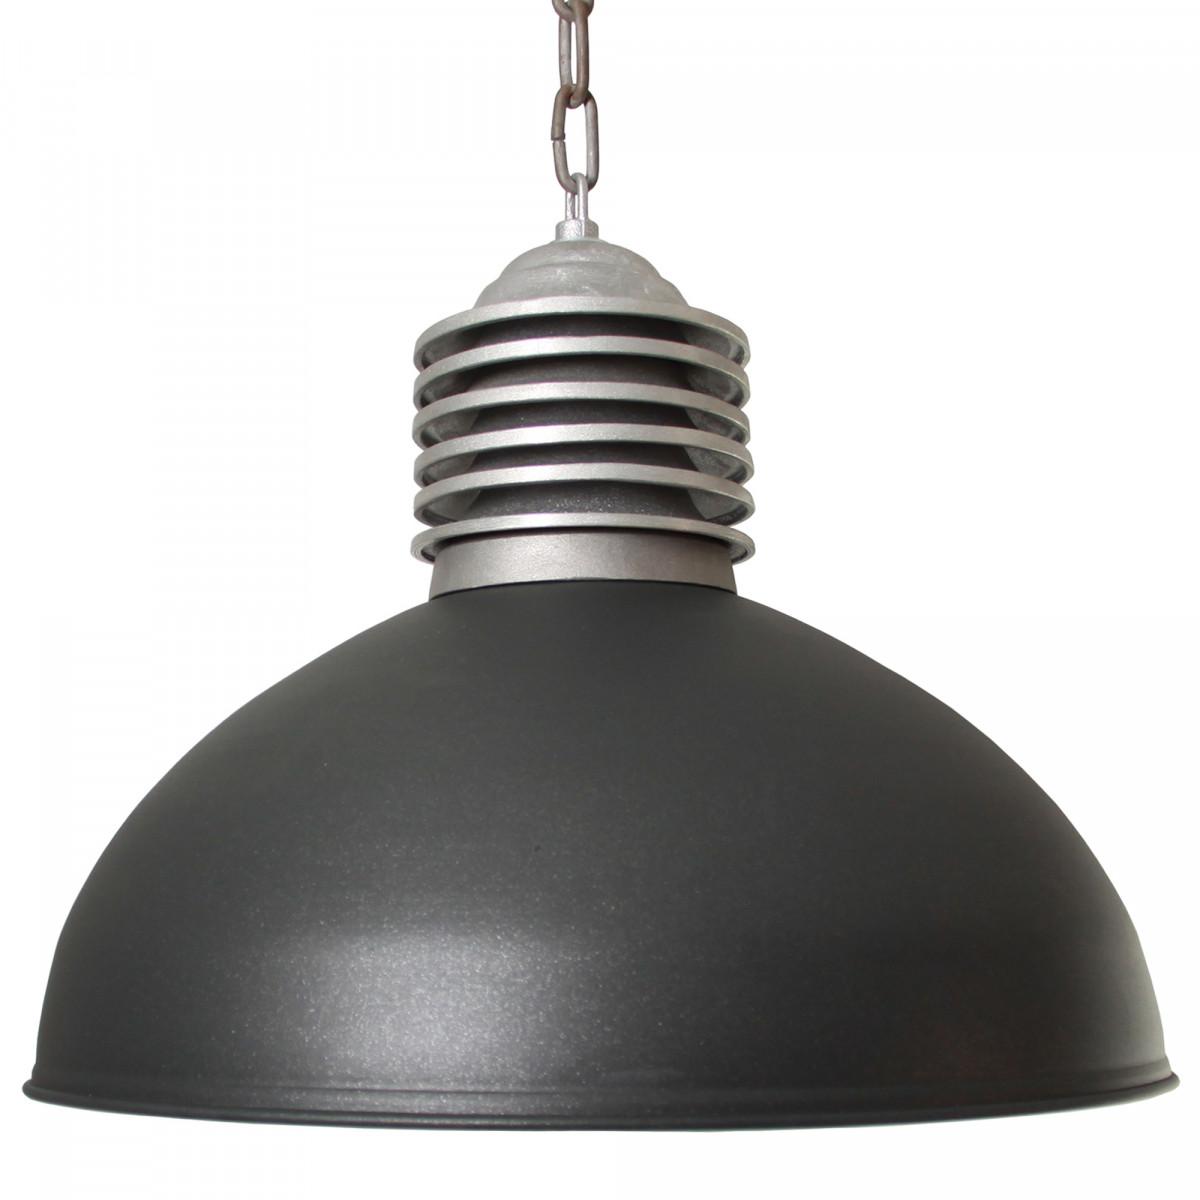 Hanglamp Old Industry Antraciet (1200K7) - KS Verlichting - Stoer & Industrieel